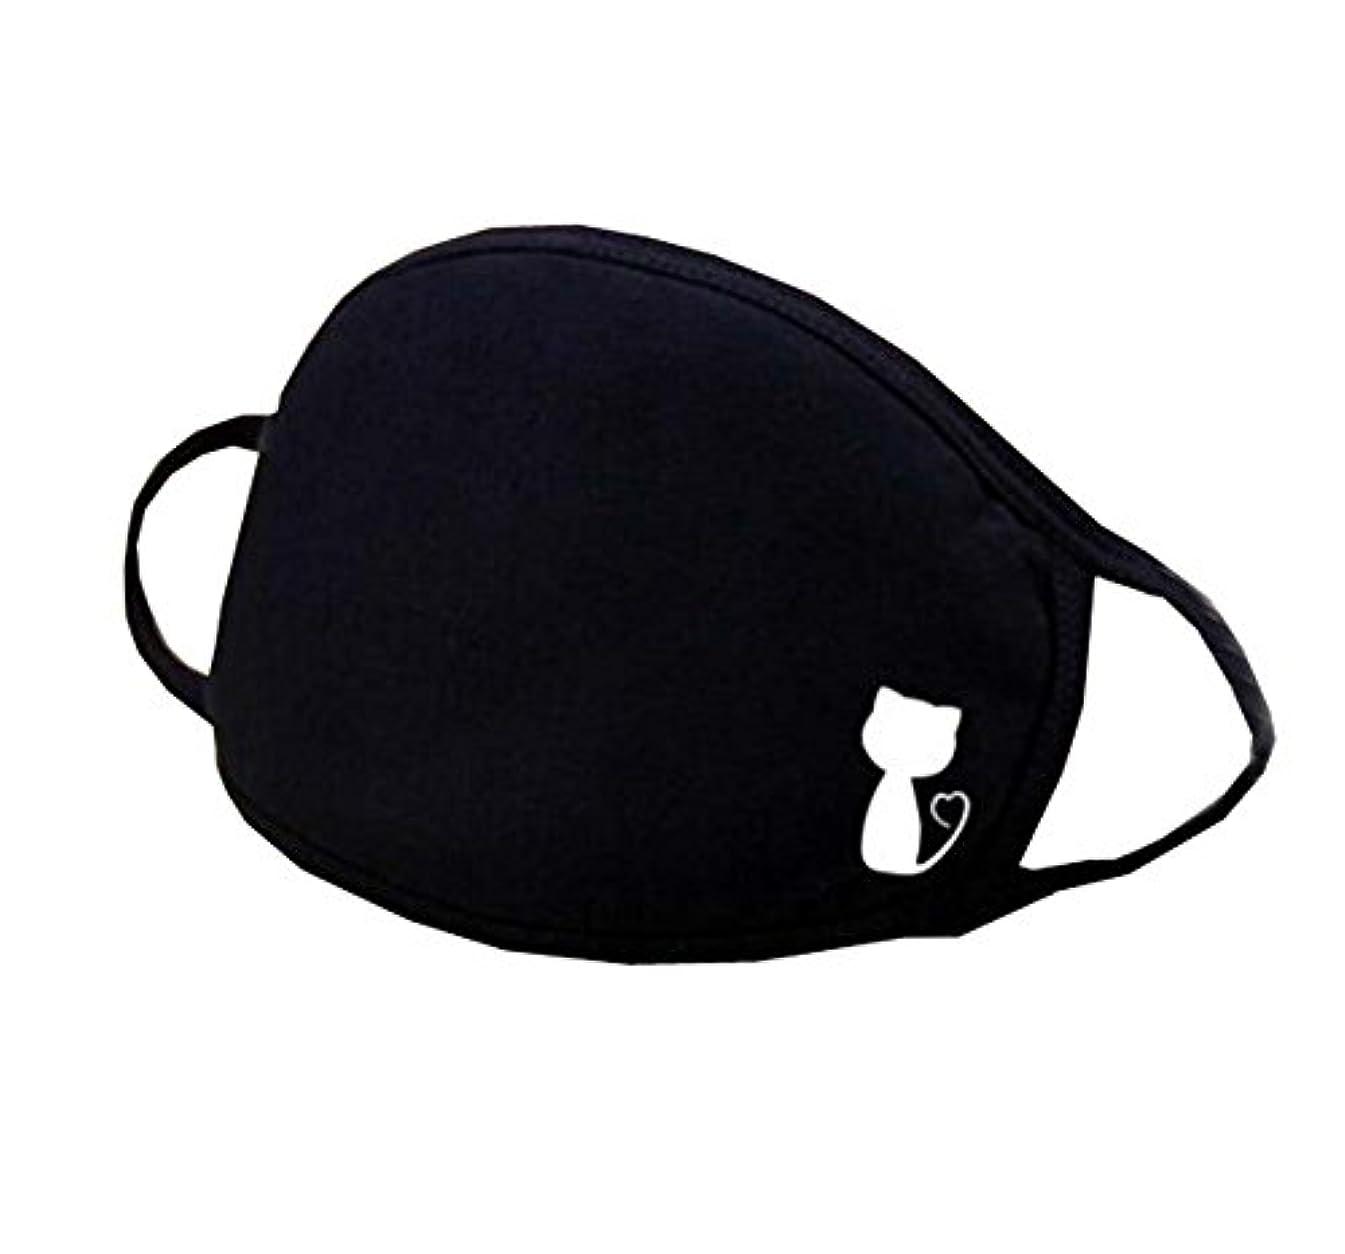 ポイントマウスピースボア口腔マスク、ユニセックスマスク男性用/女性用アンチダストコットンフェイスマスク(2個)、A8